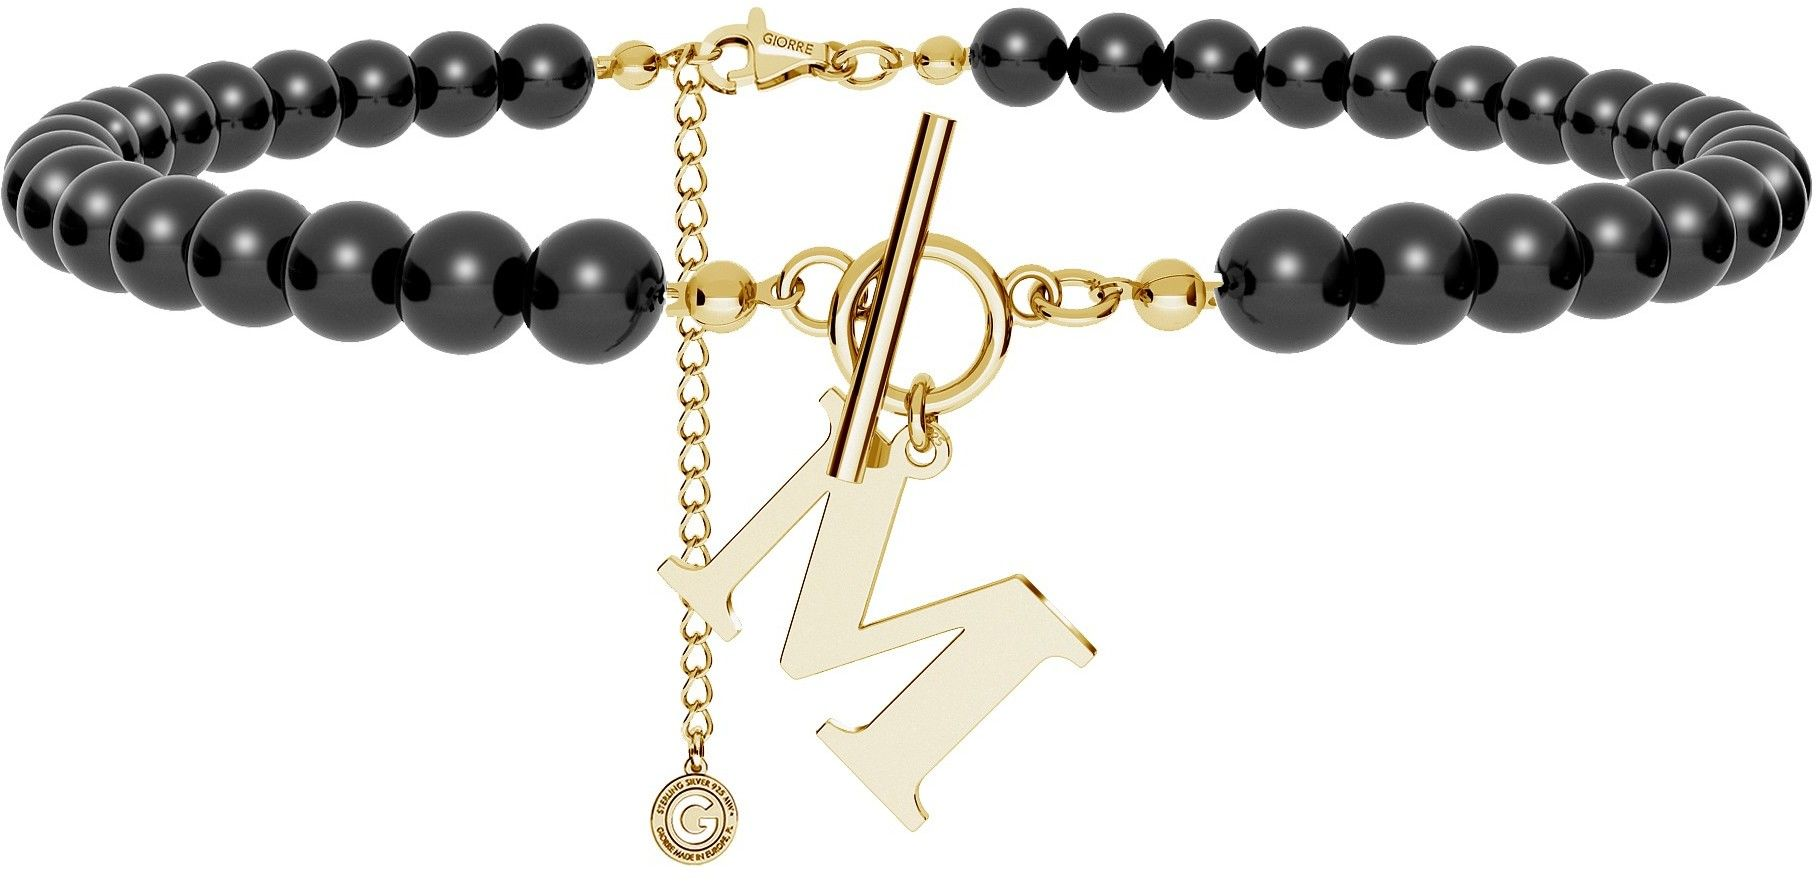 Czarny perłowy choker z dowolną literą, Swarovski, srebro 925 : Litera - C, Srebro - kolor pokrycia - Pokrycie żółtym 18K złotem